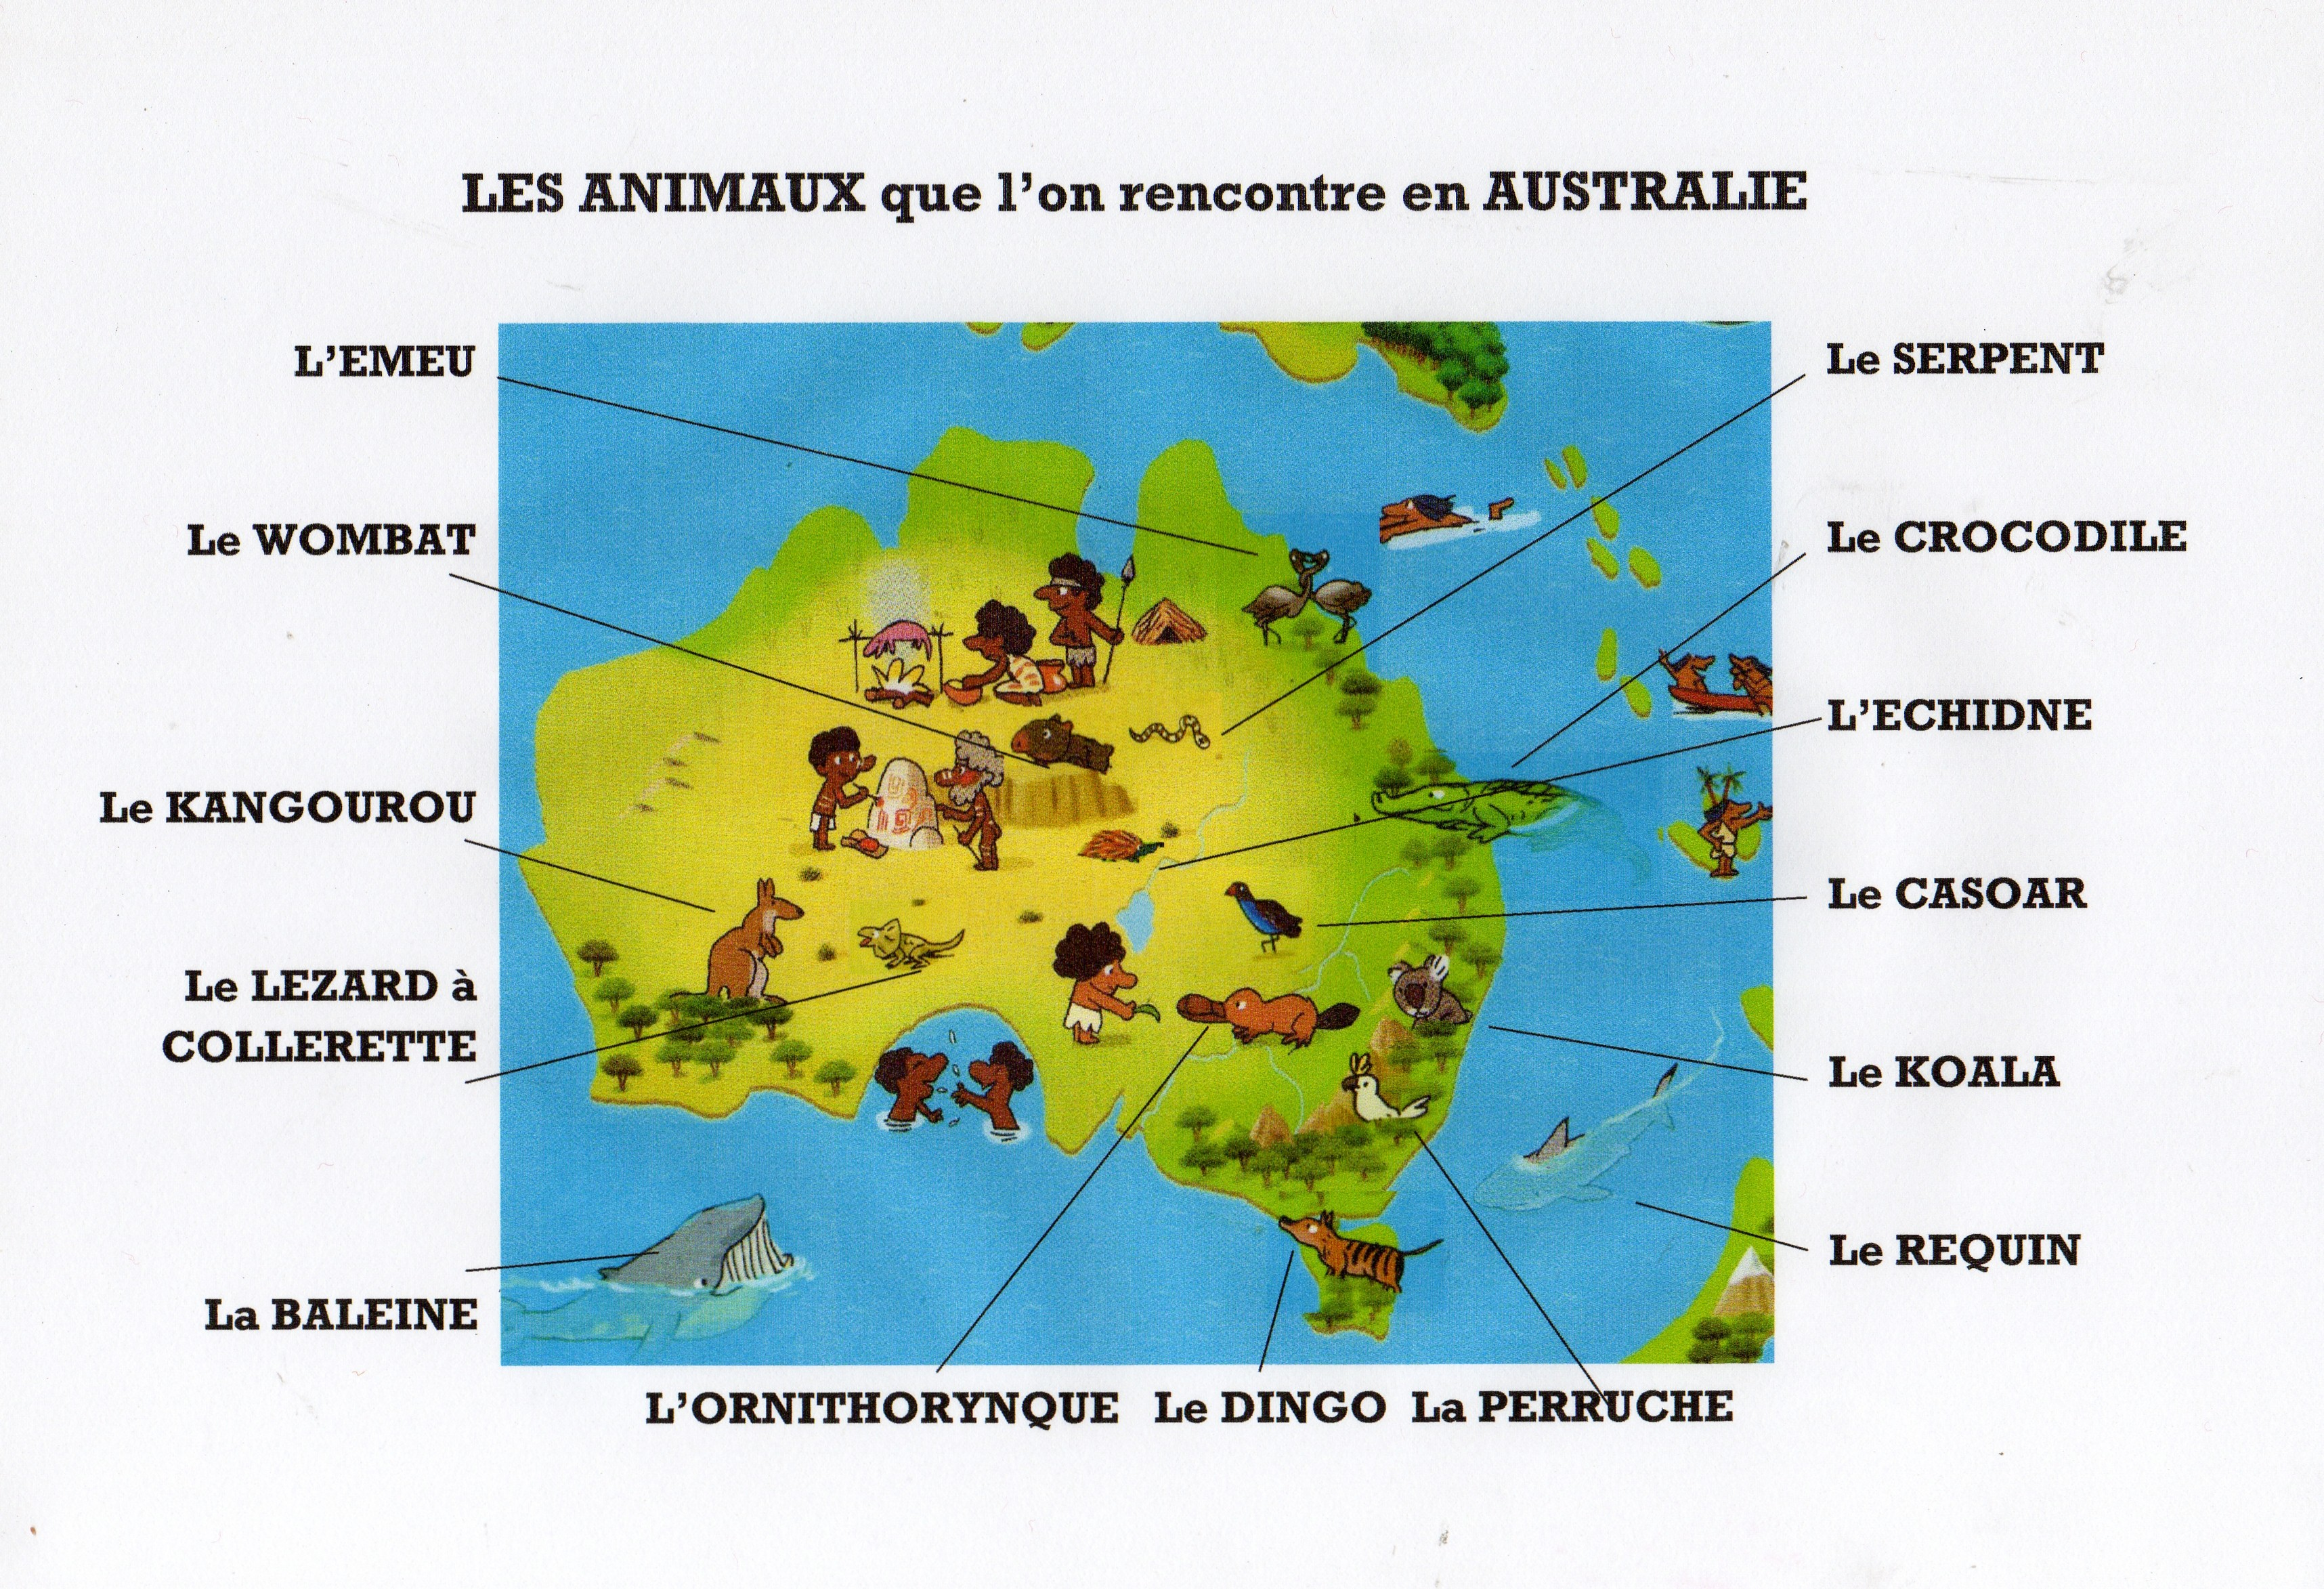 d u00e9couvre les animaux qui vivent en australie et apprends  u00e0 les reconna u00eetre